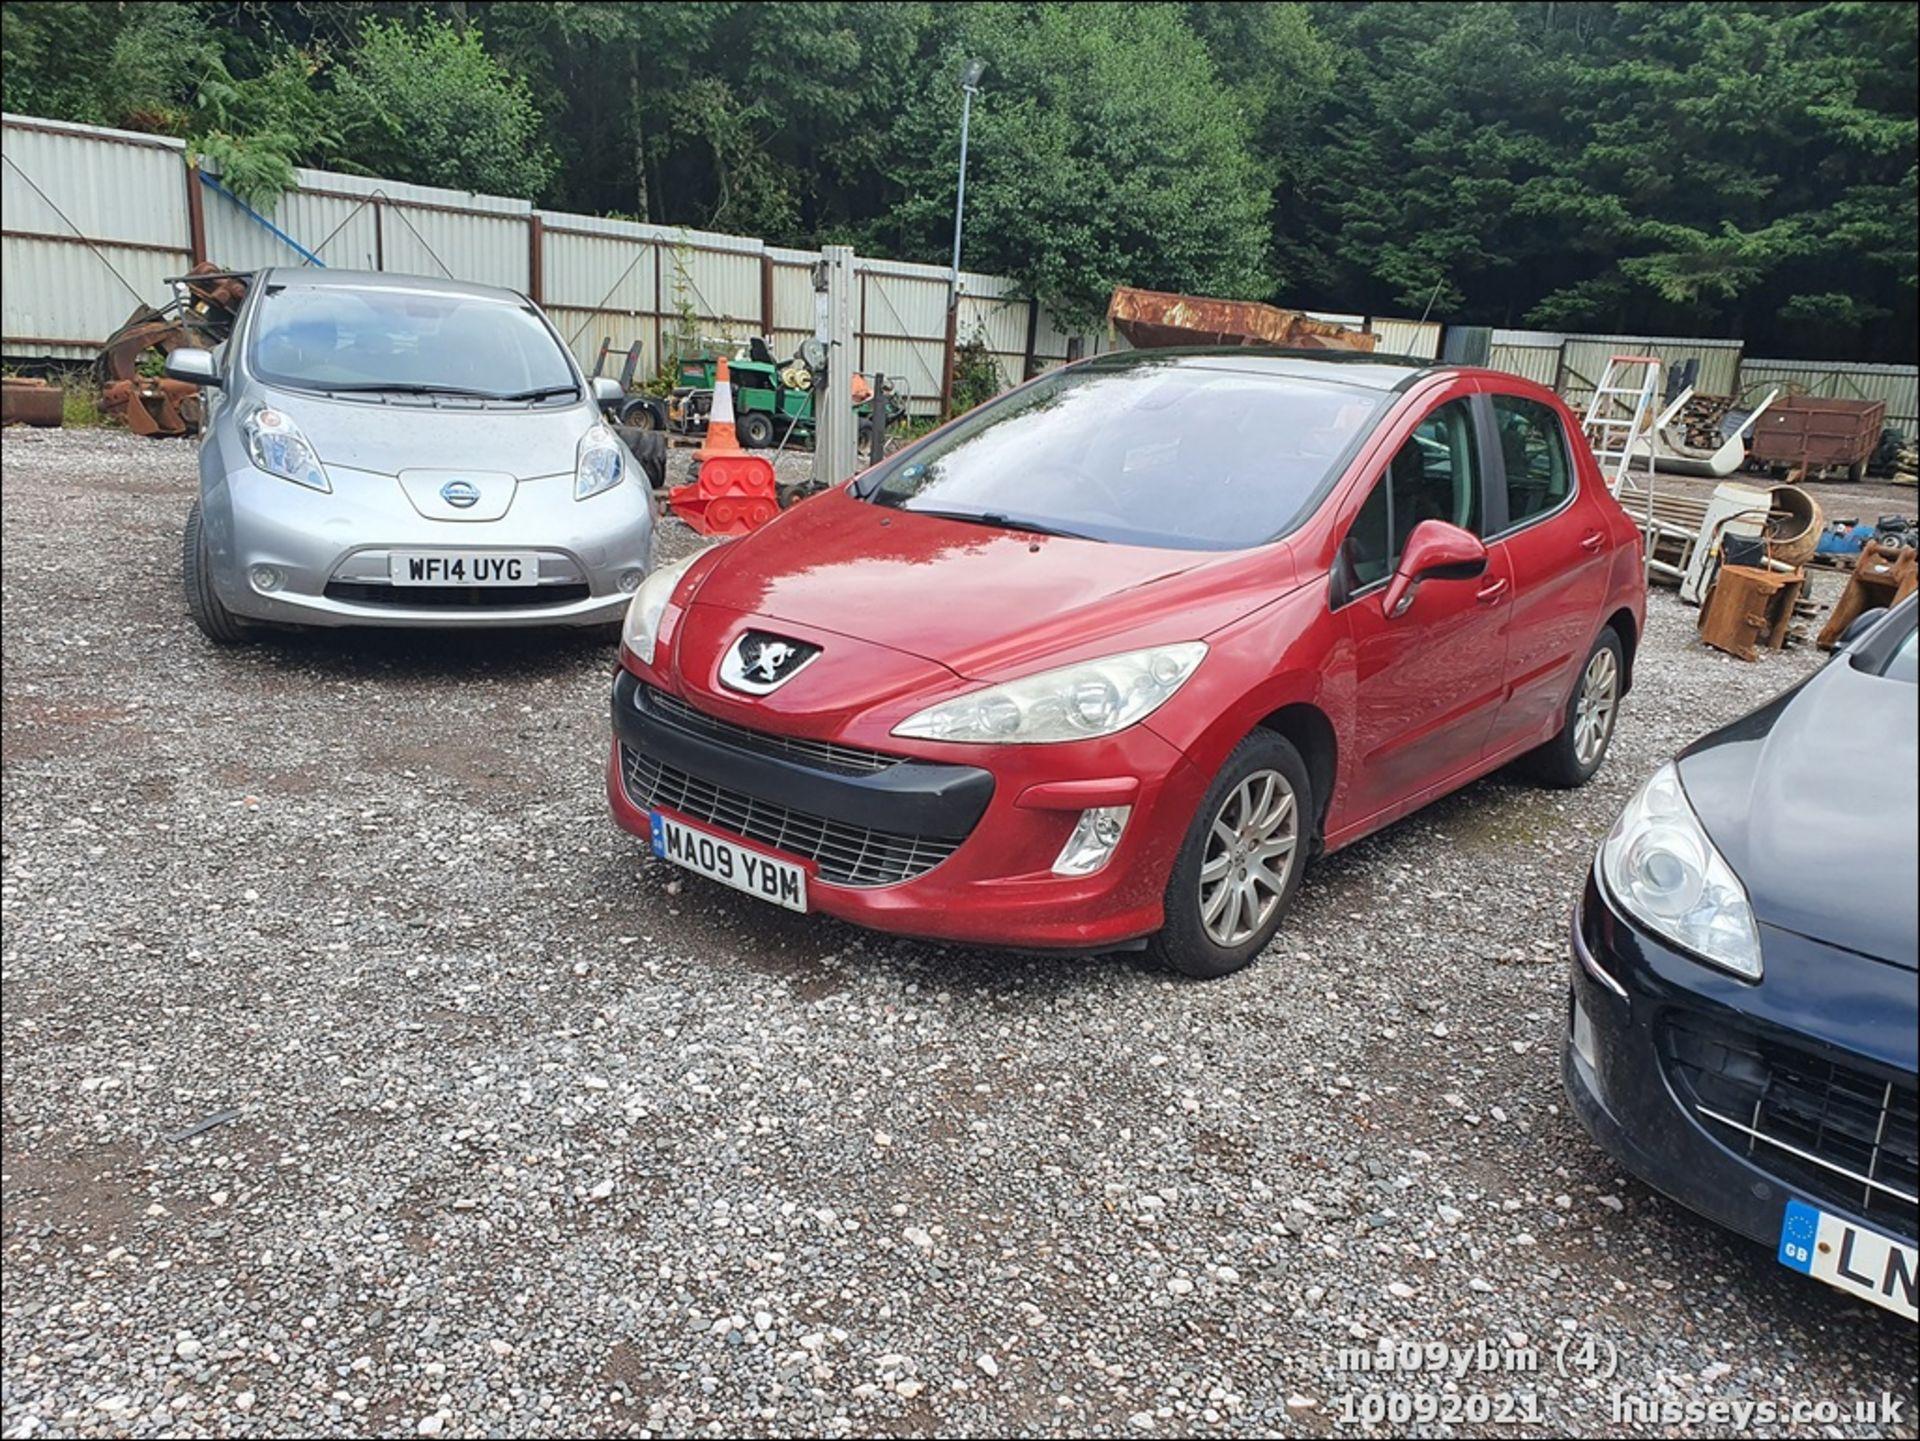 09/09 PEUGEOT 308 SE HDI - 1560cc 5dr Hatchback (Red) - Image 3 of 19